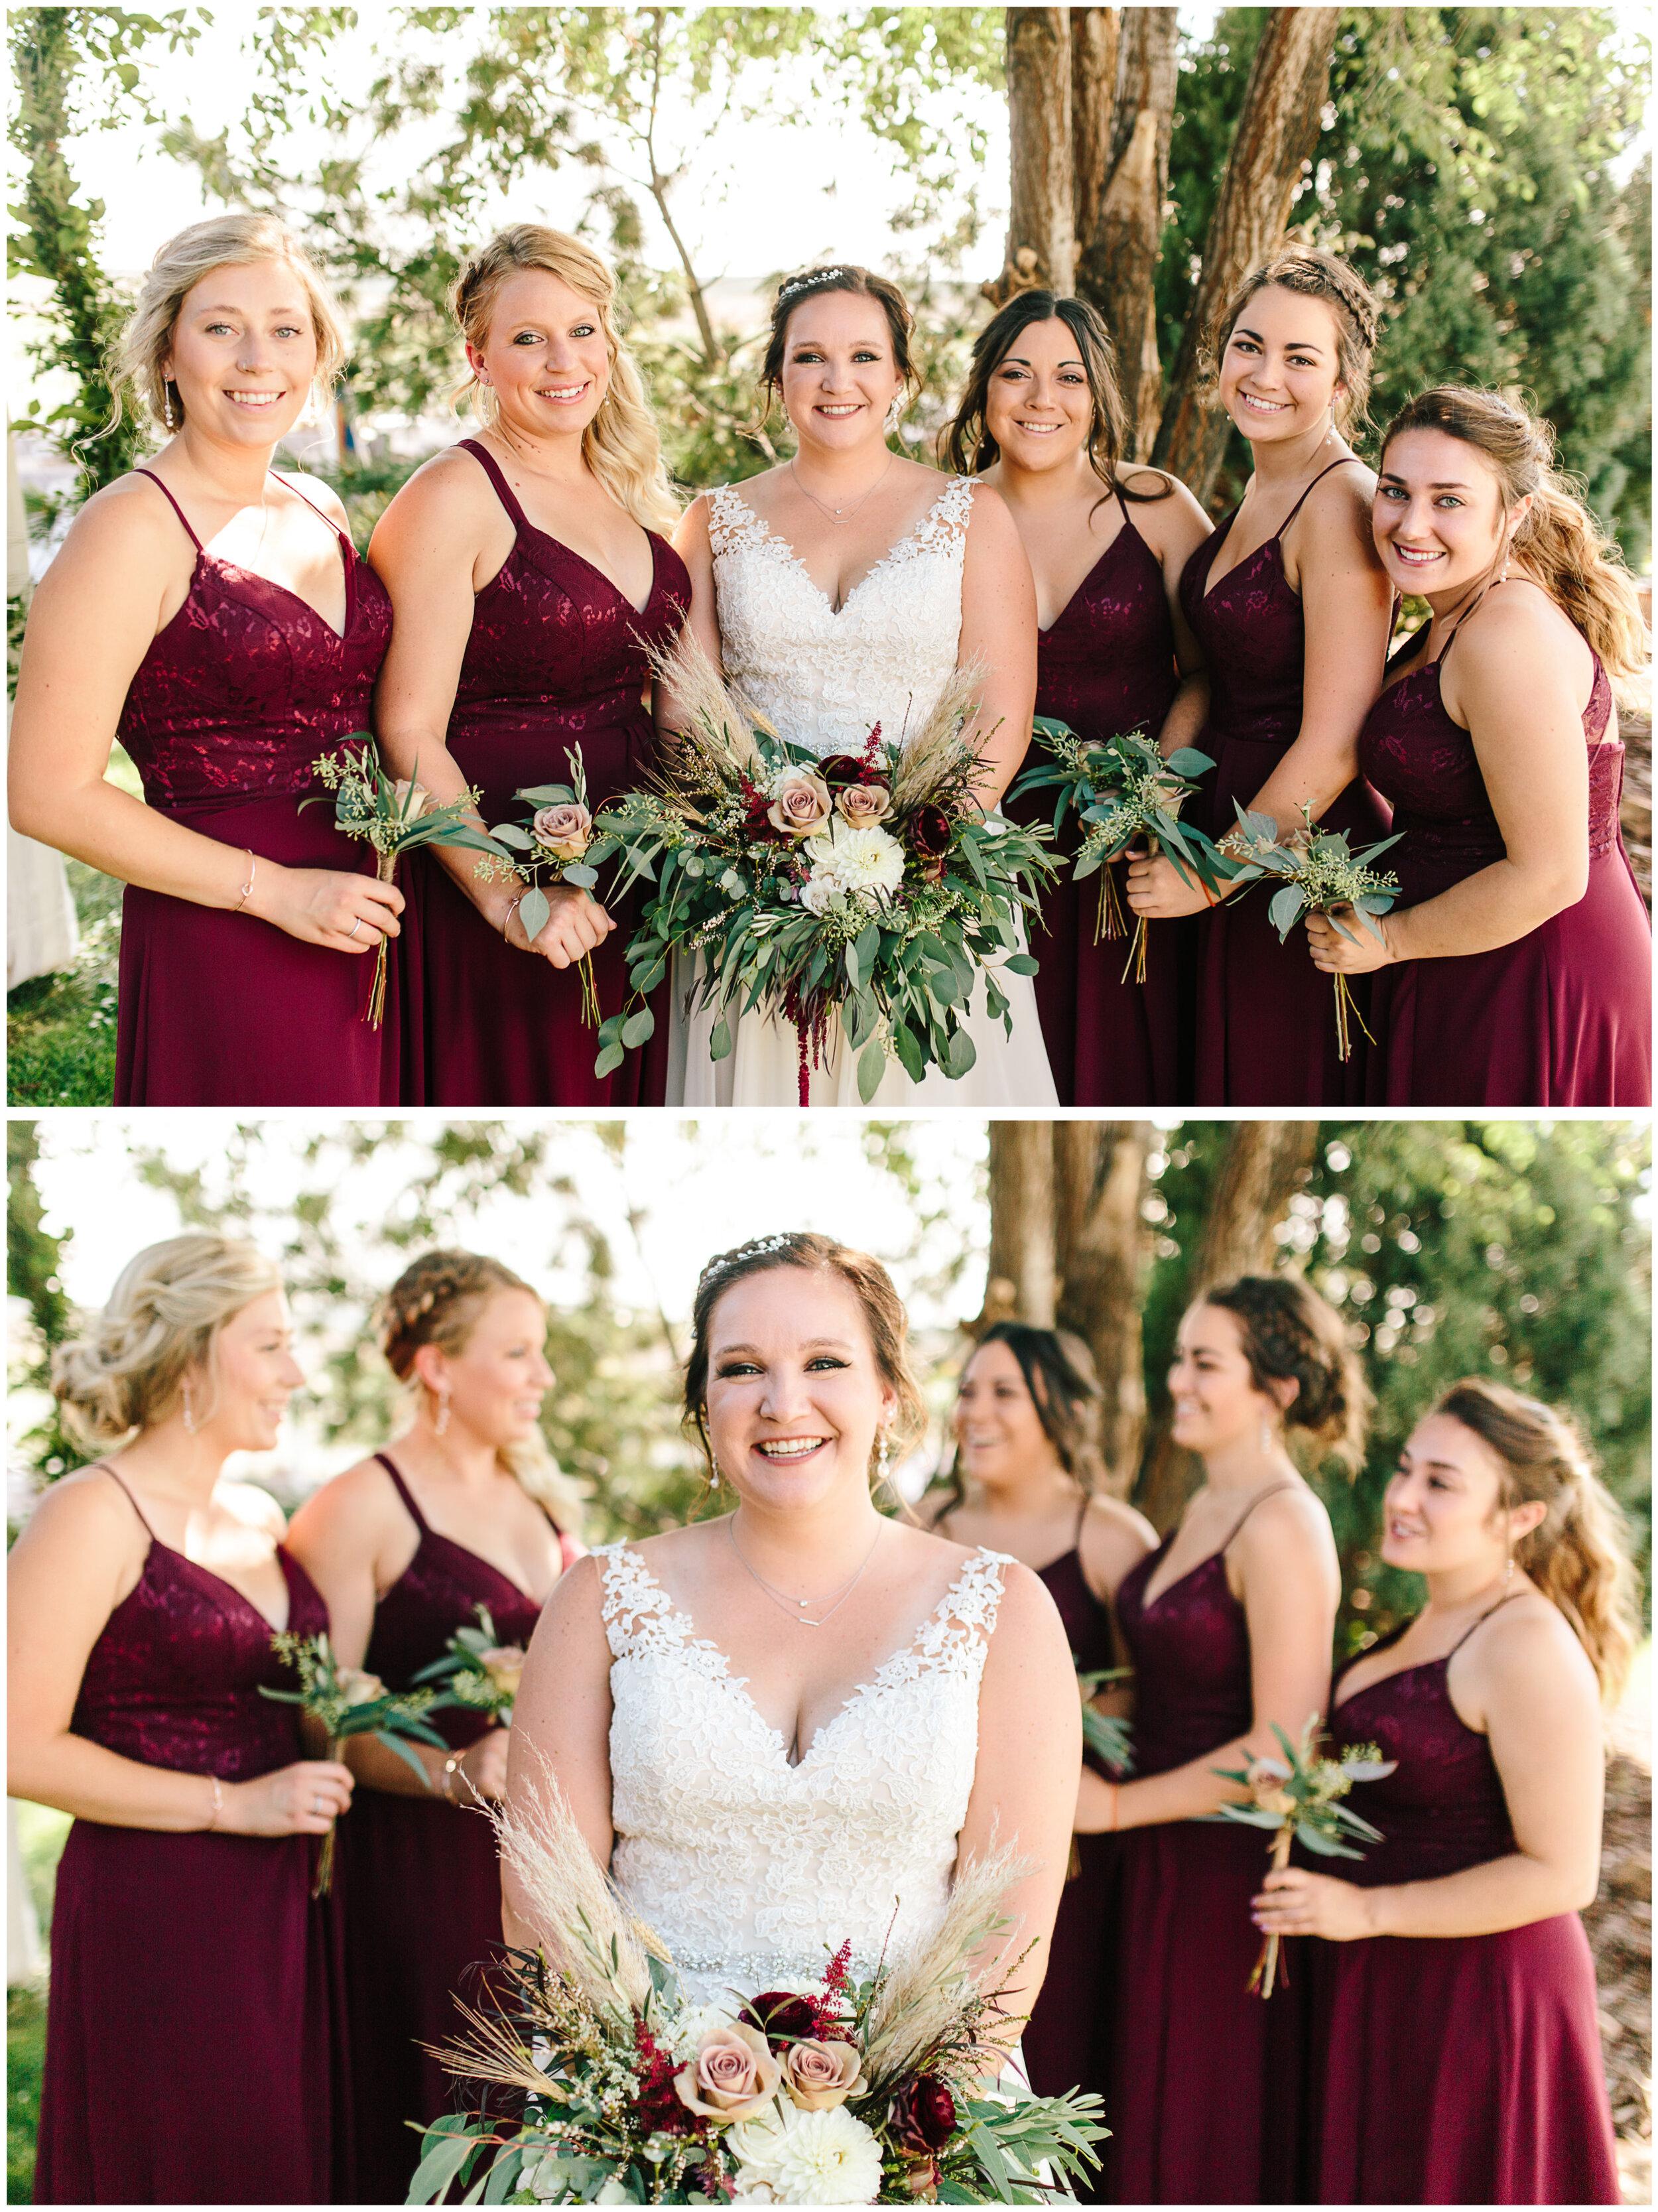 brighton_colorado_wedding_49.jpg